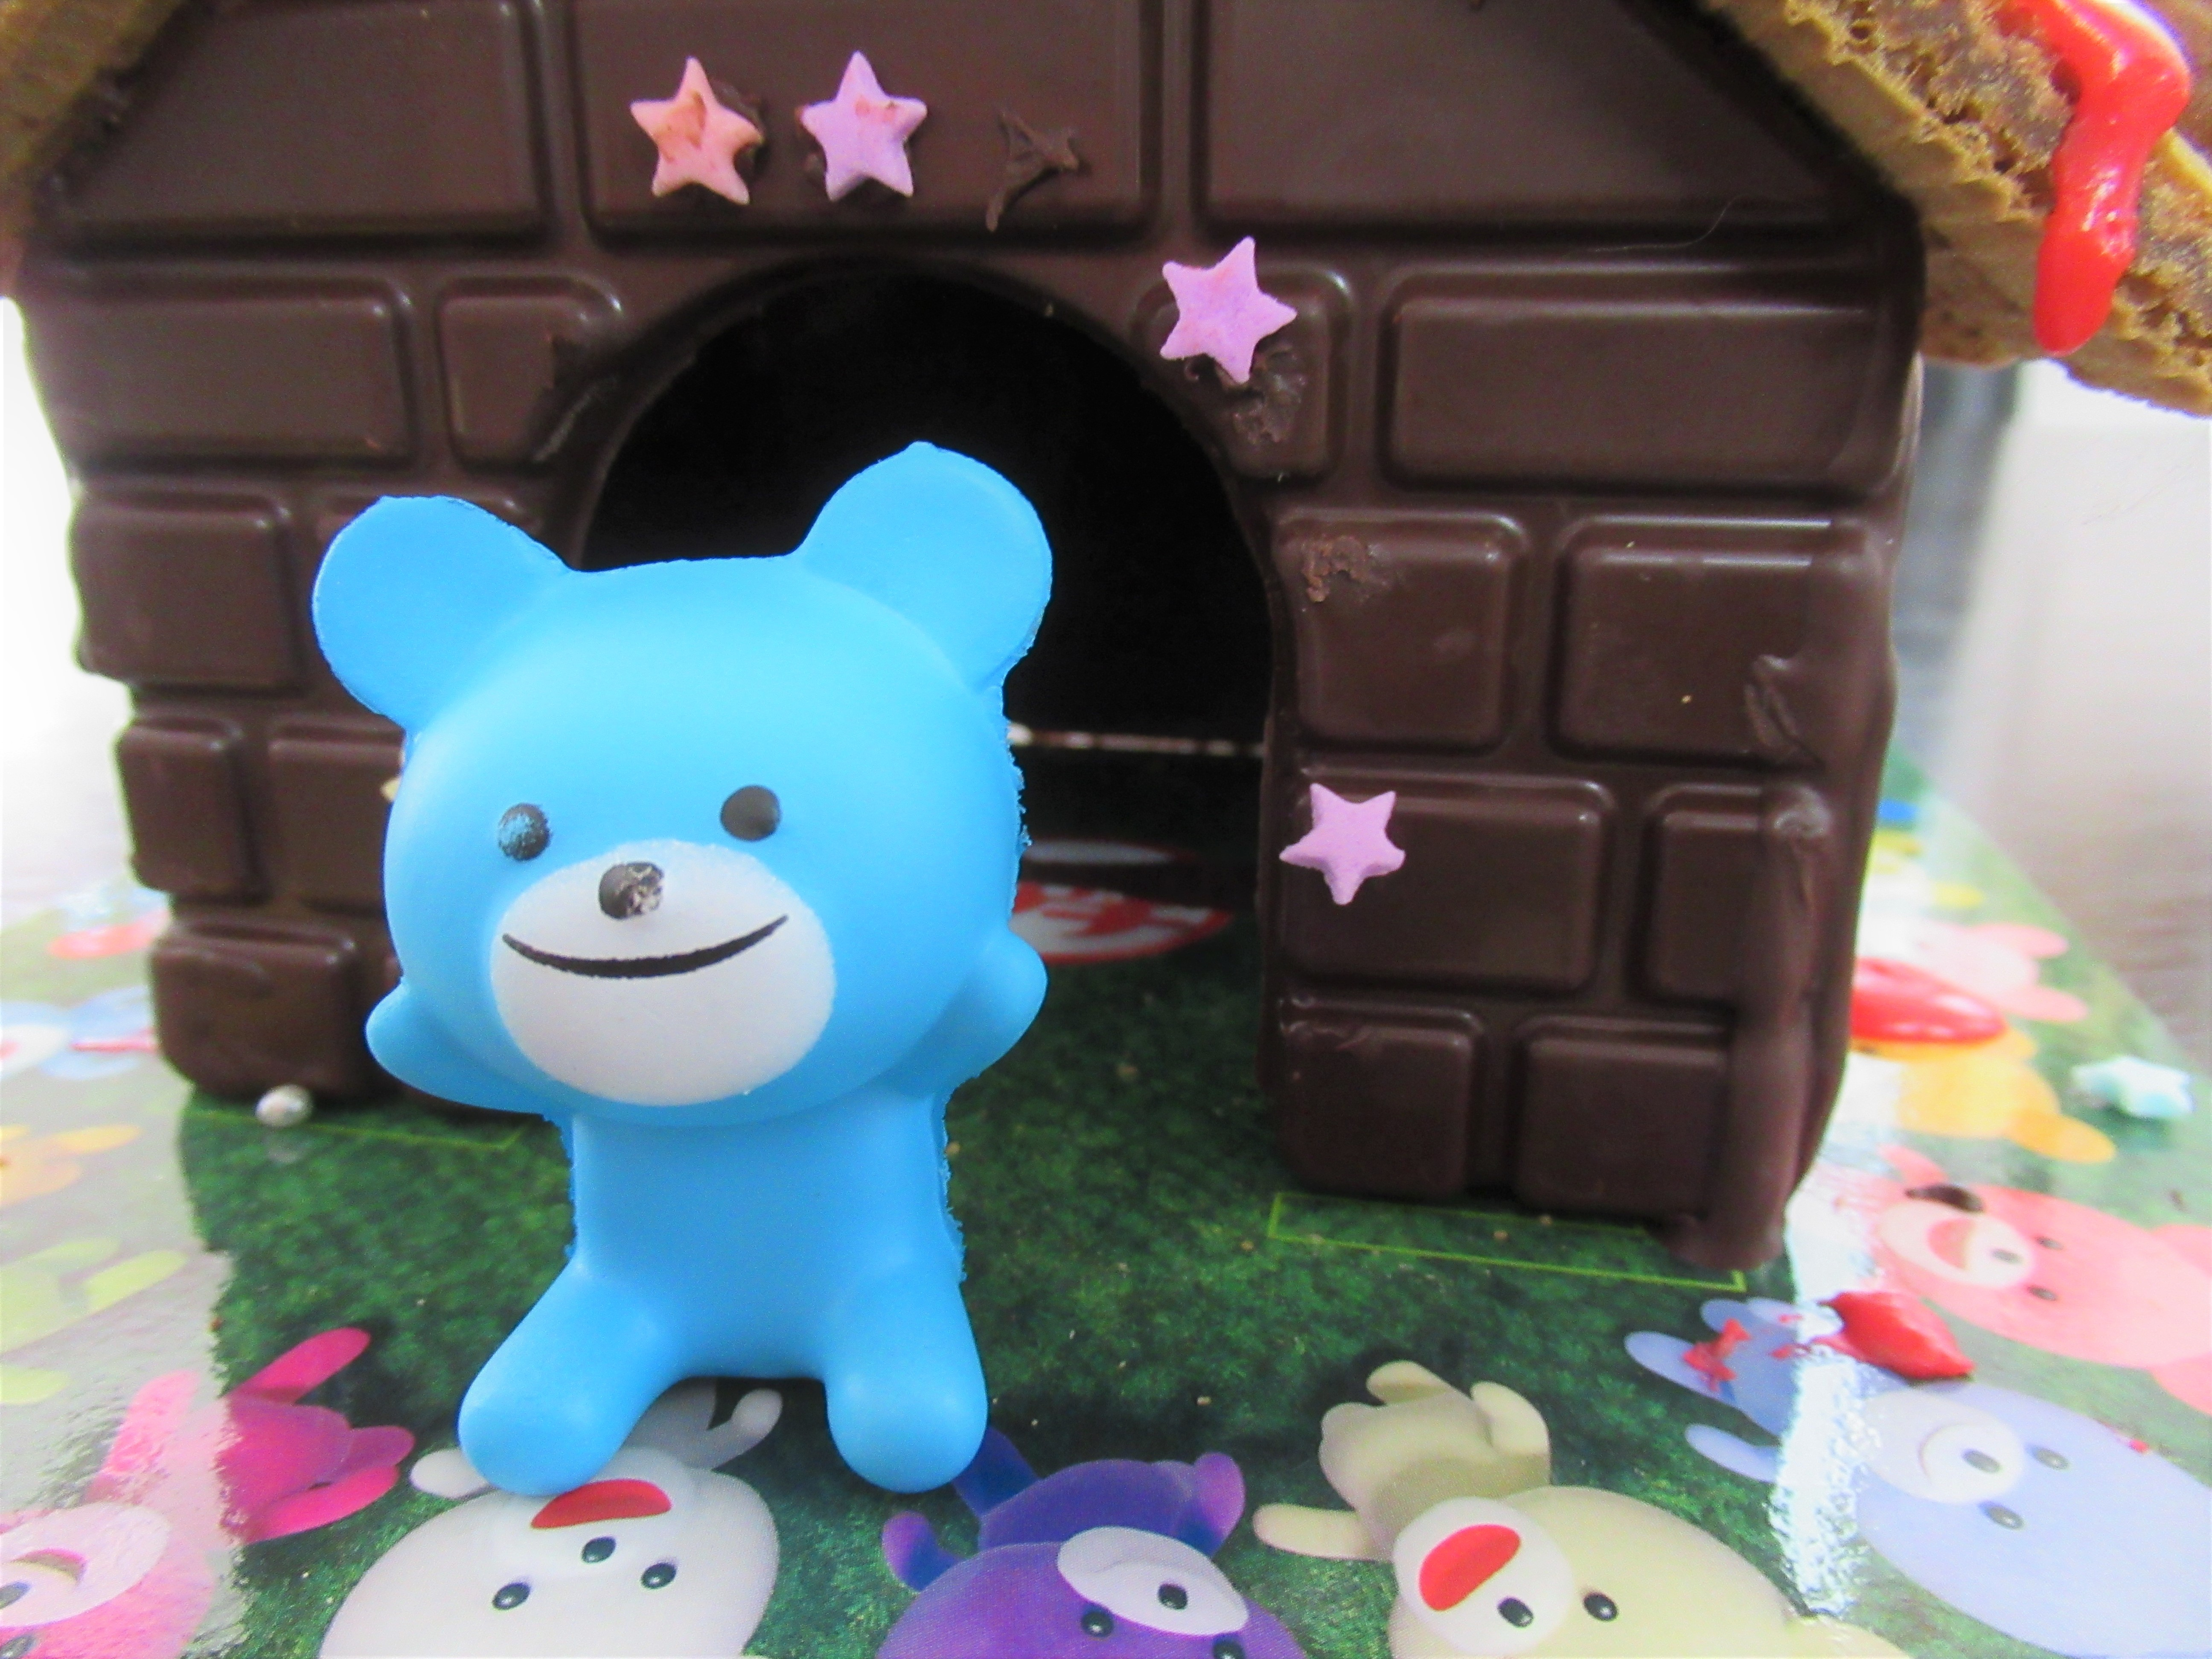 ブルボンお菓子の家を上手に作るコツとポイント!子どものお家遊びに最適商品